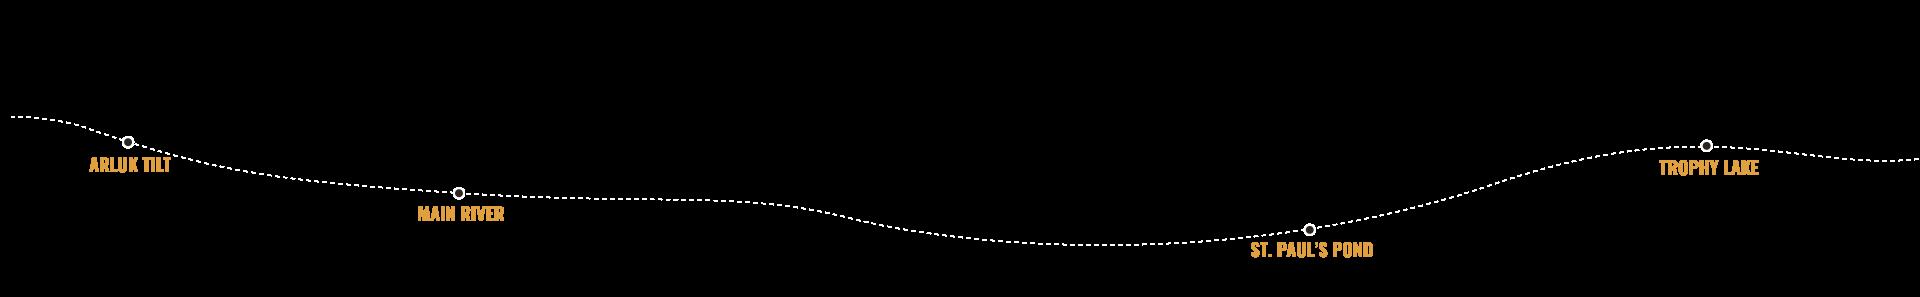 arluk_linemap